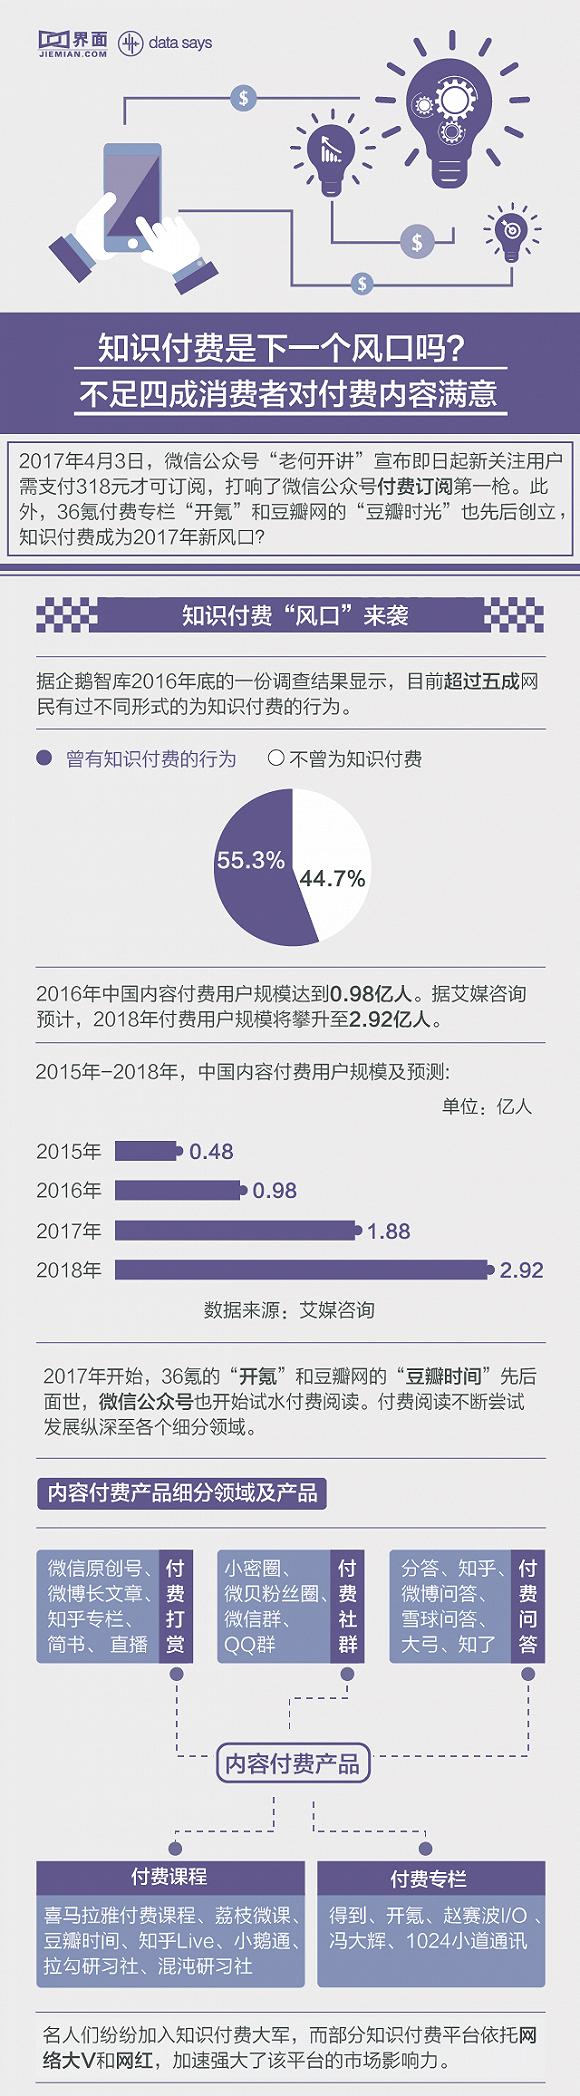 【信息图】知识付费是下一个风口吗?